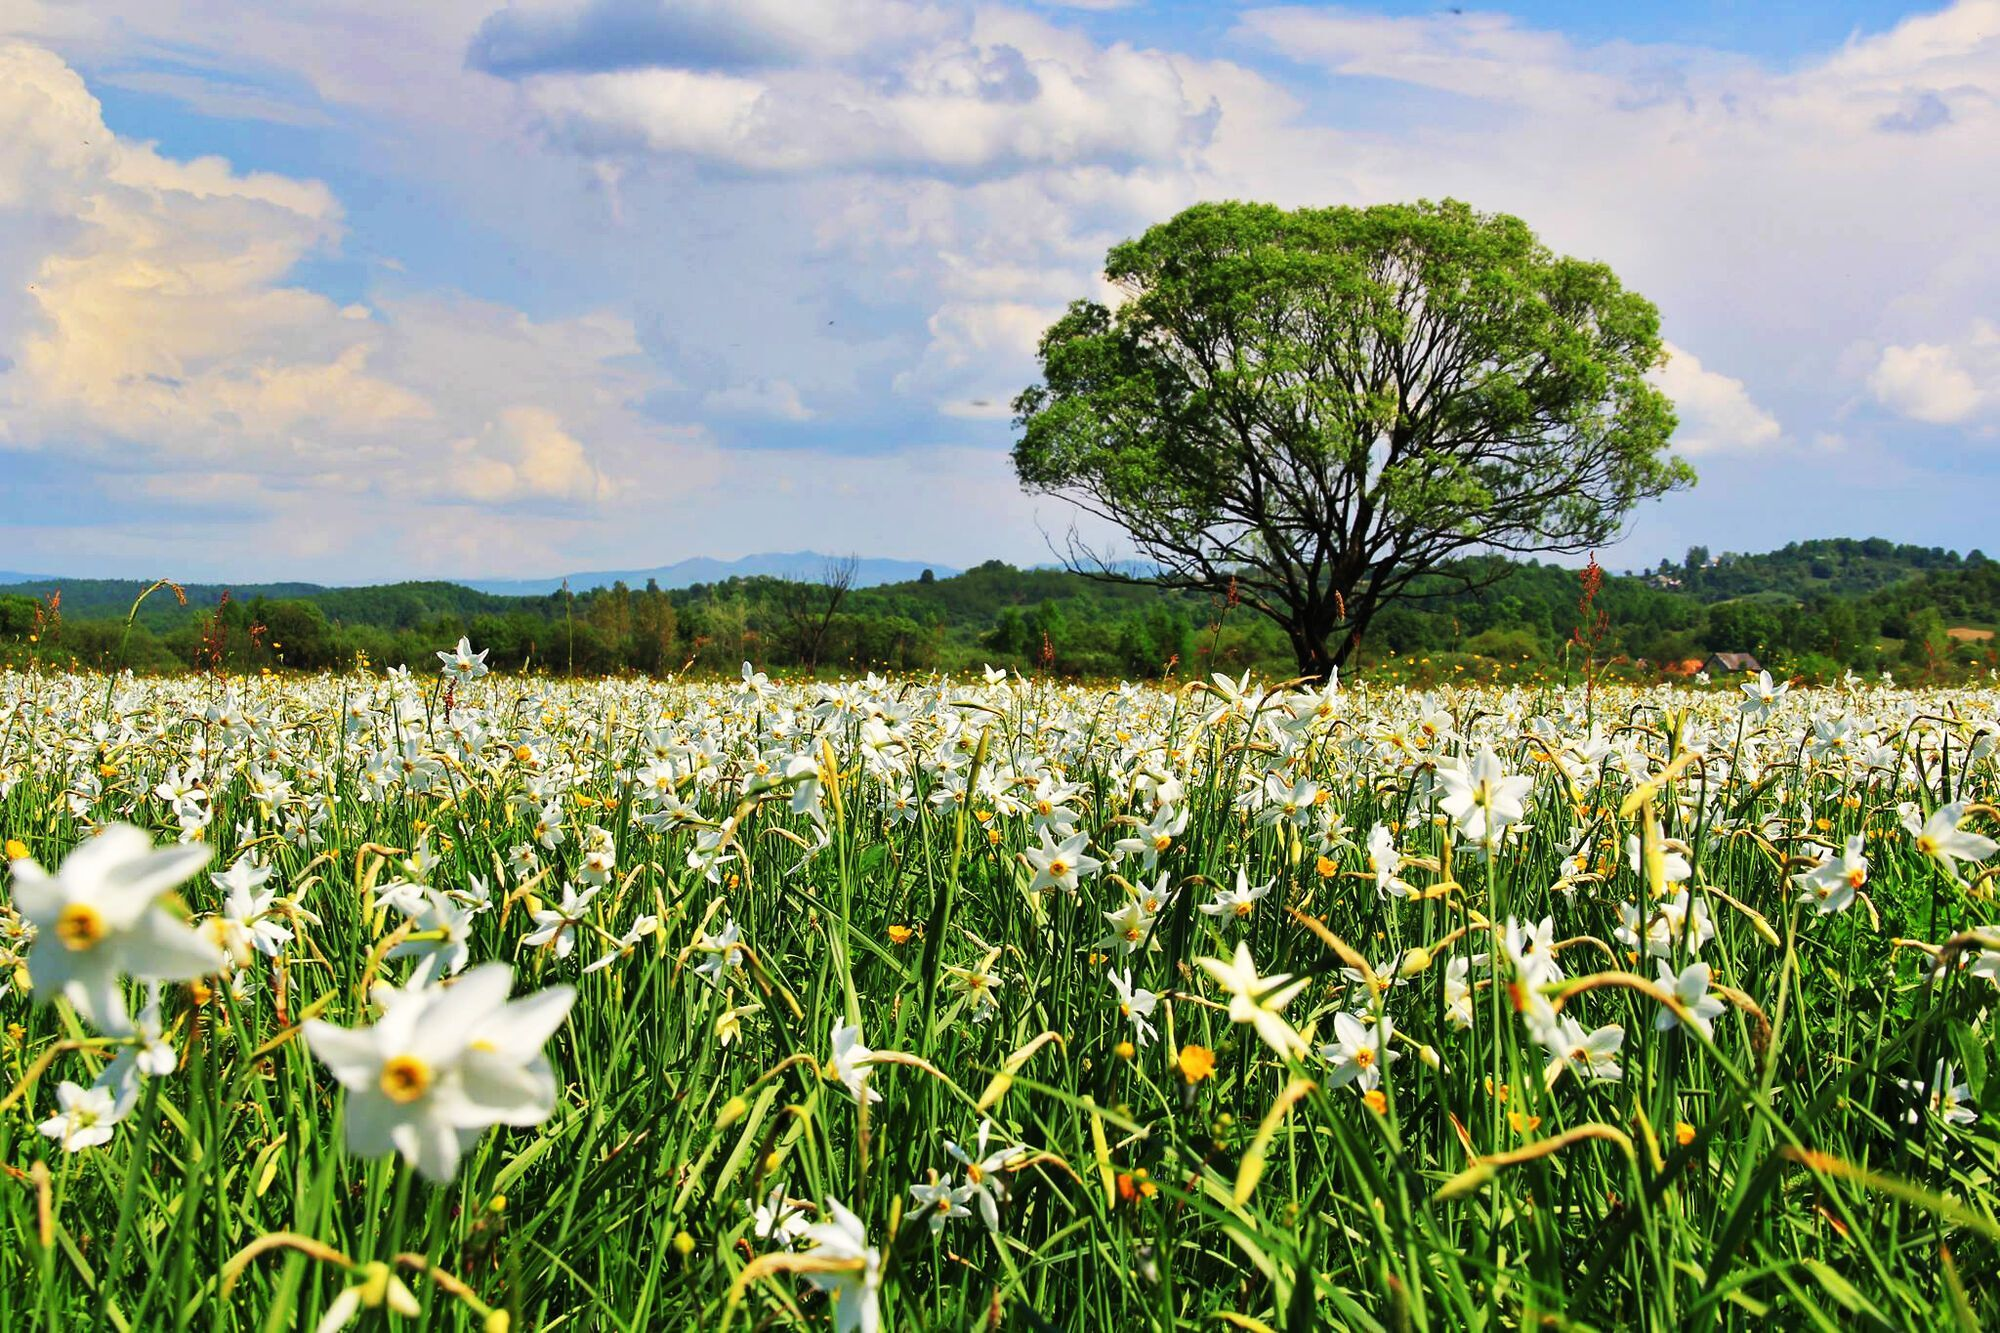 Долина нарцисів у травні досягає піку цвітіння.